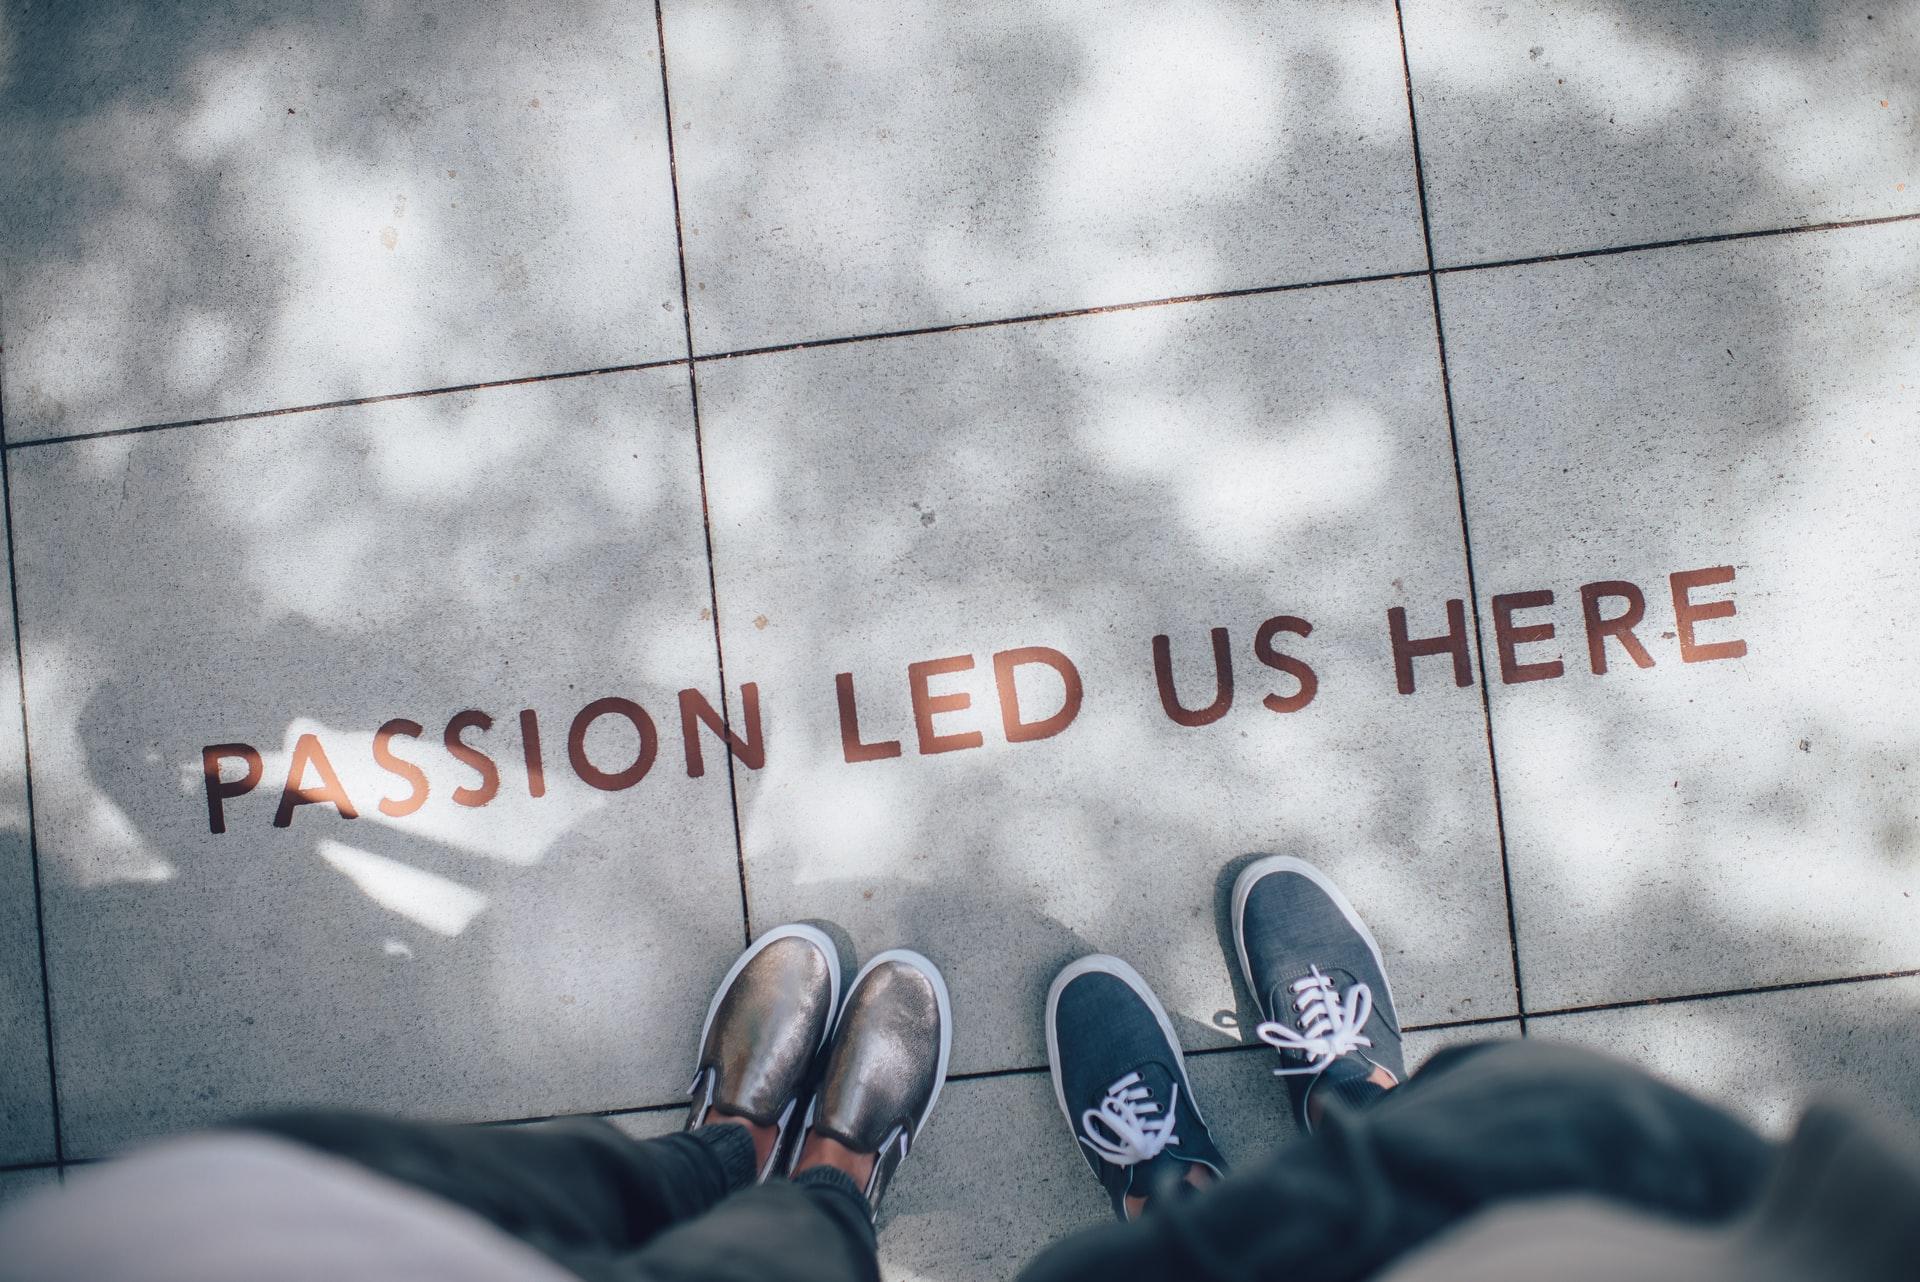 'Passion led us here' escrito no chão